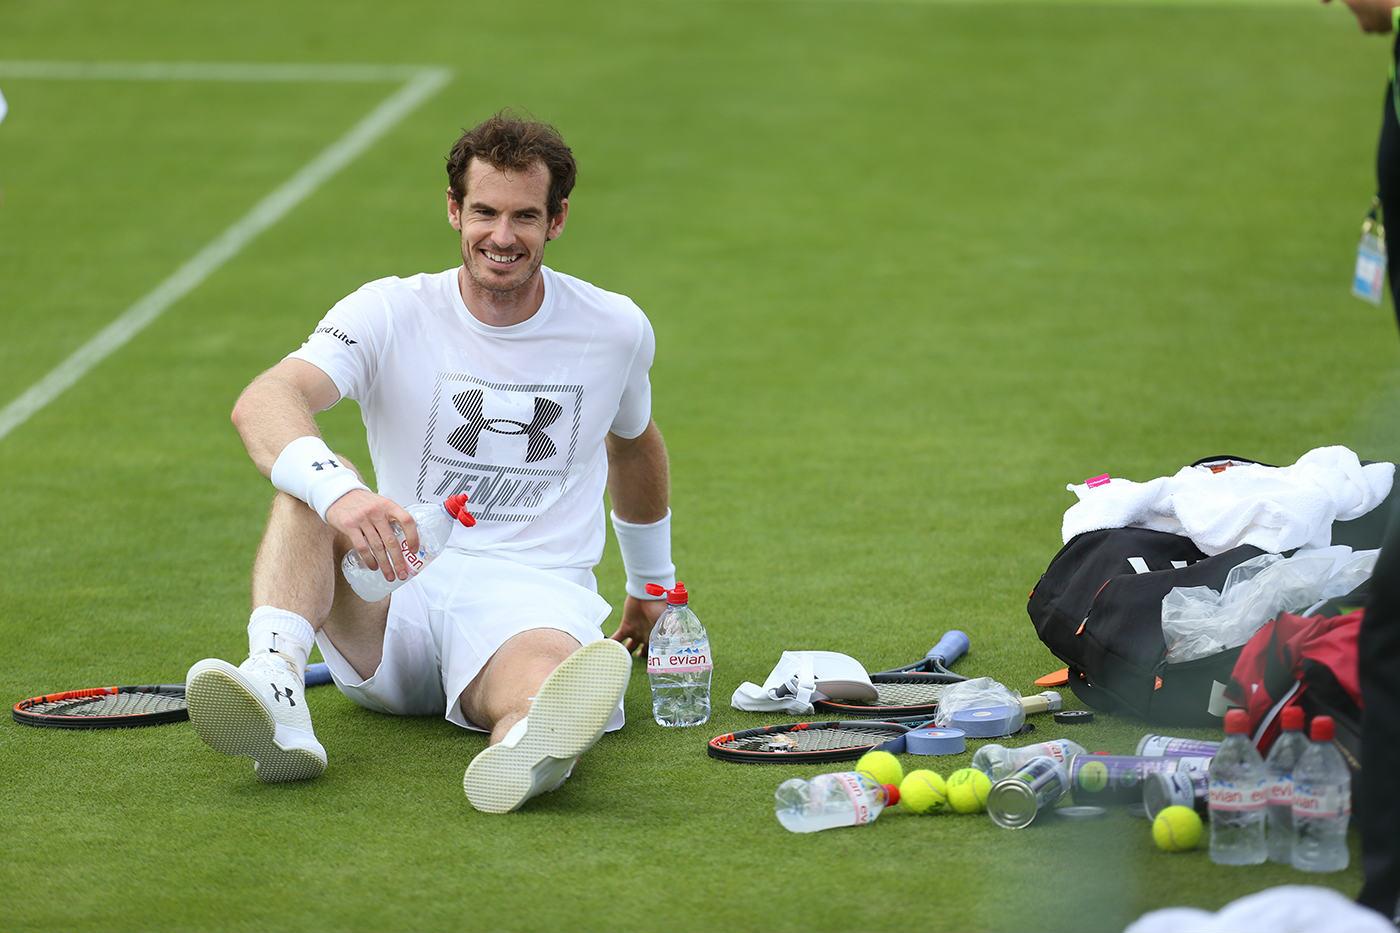 Murray ha vinto la settimana scorsa il Queen's per la quinta volta: nessuno ha vinto più di lui